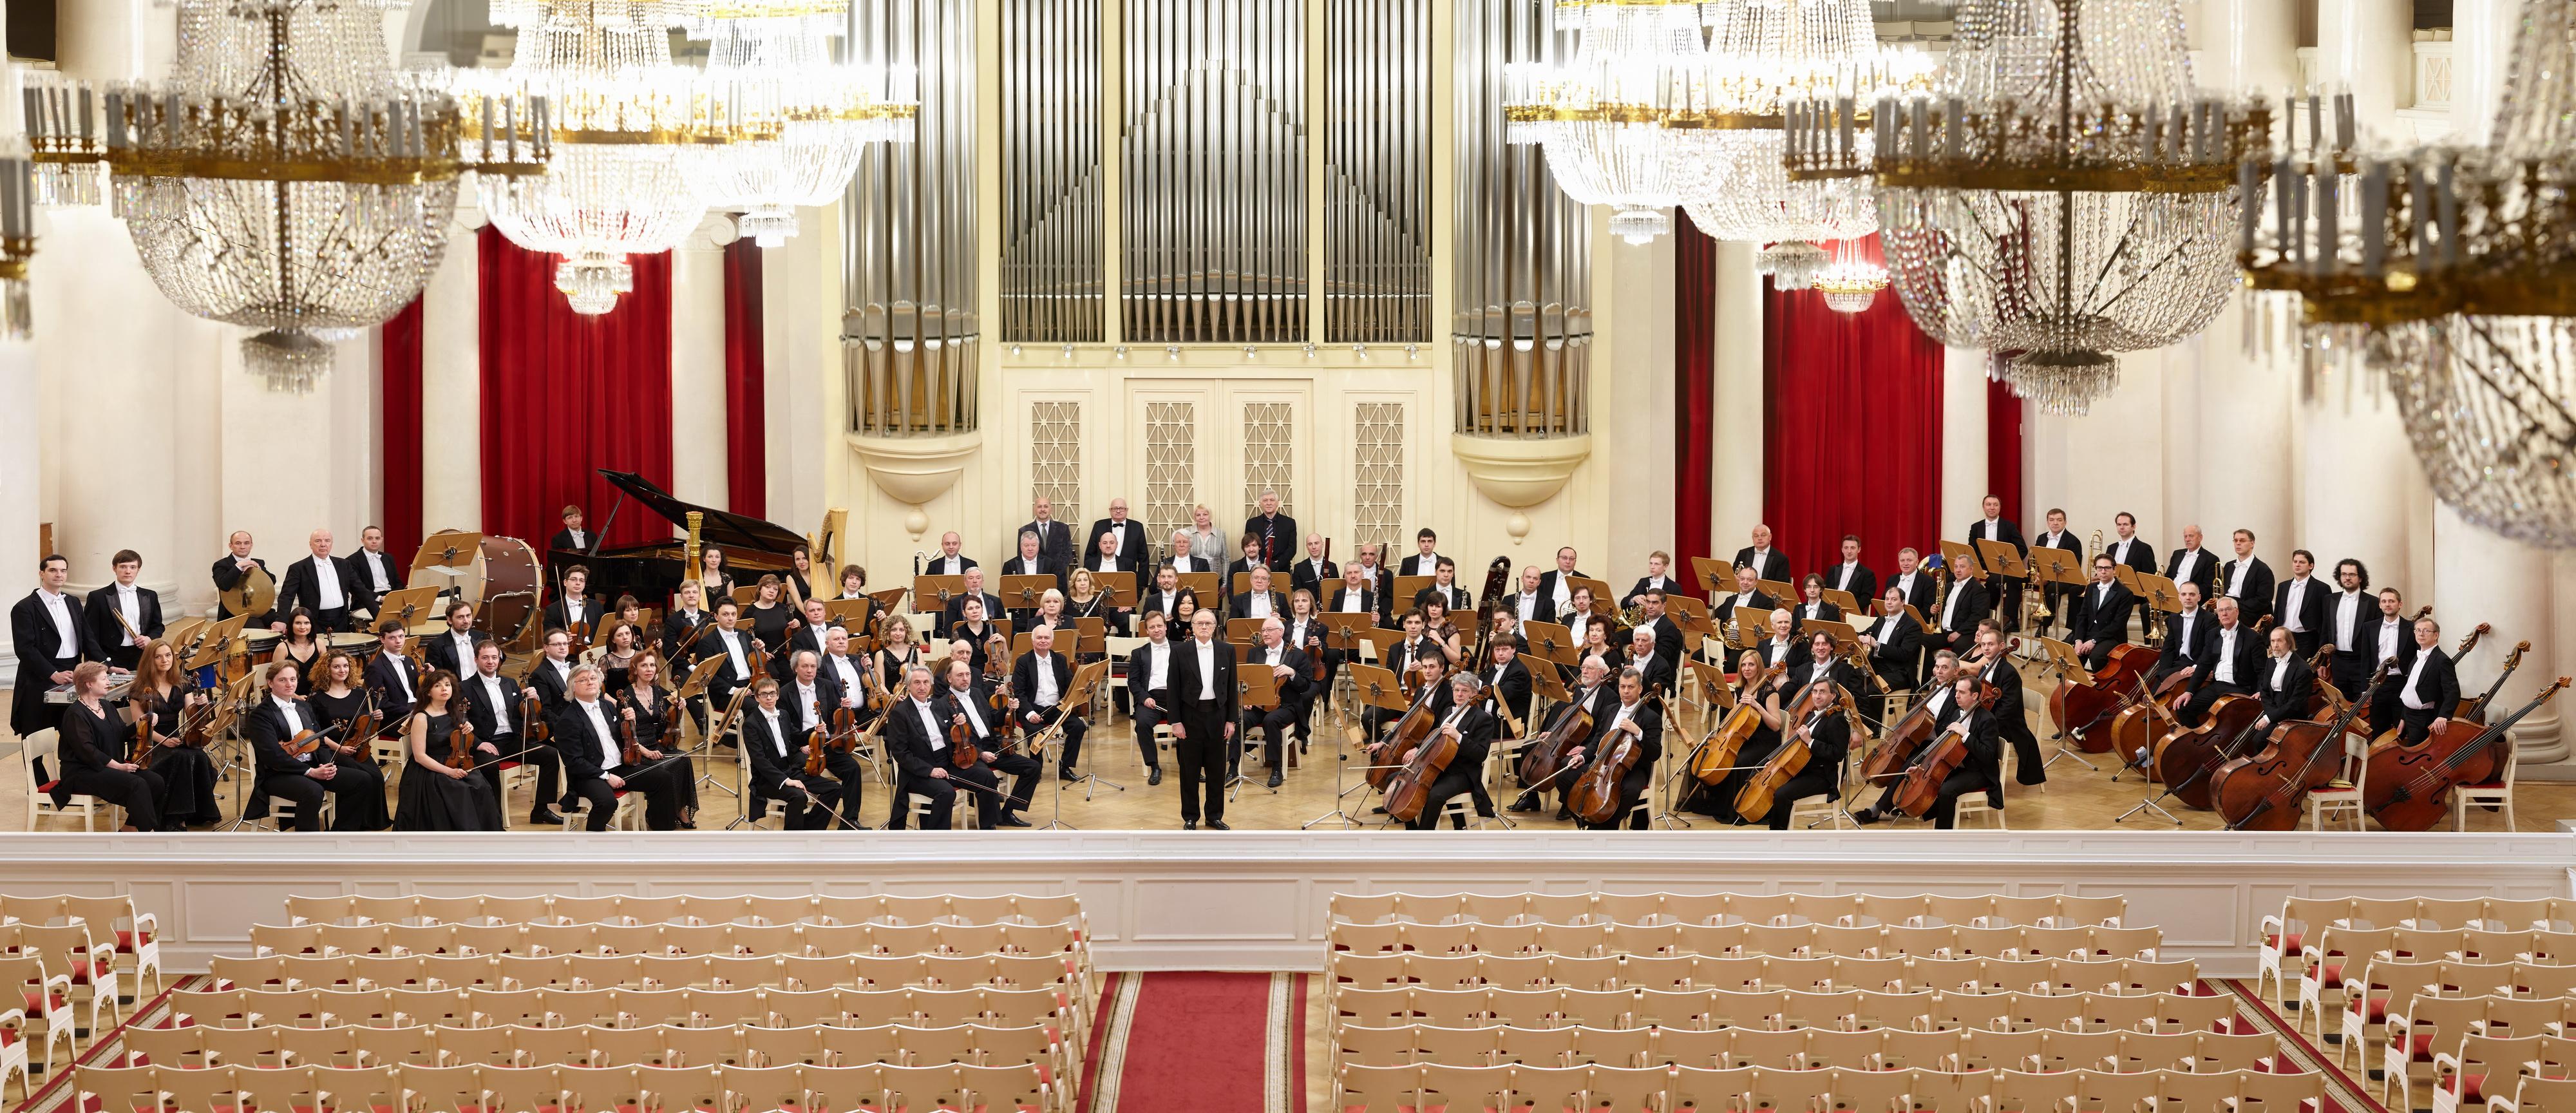 Впервые в Израиле! Академический Симфонический оркестр Санкт-Петербургской филармонии